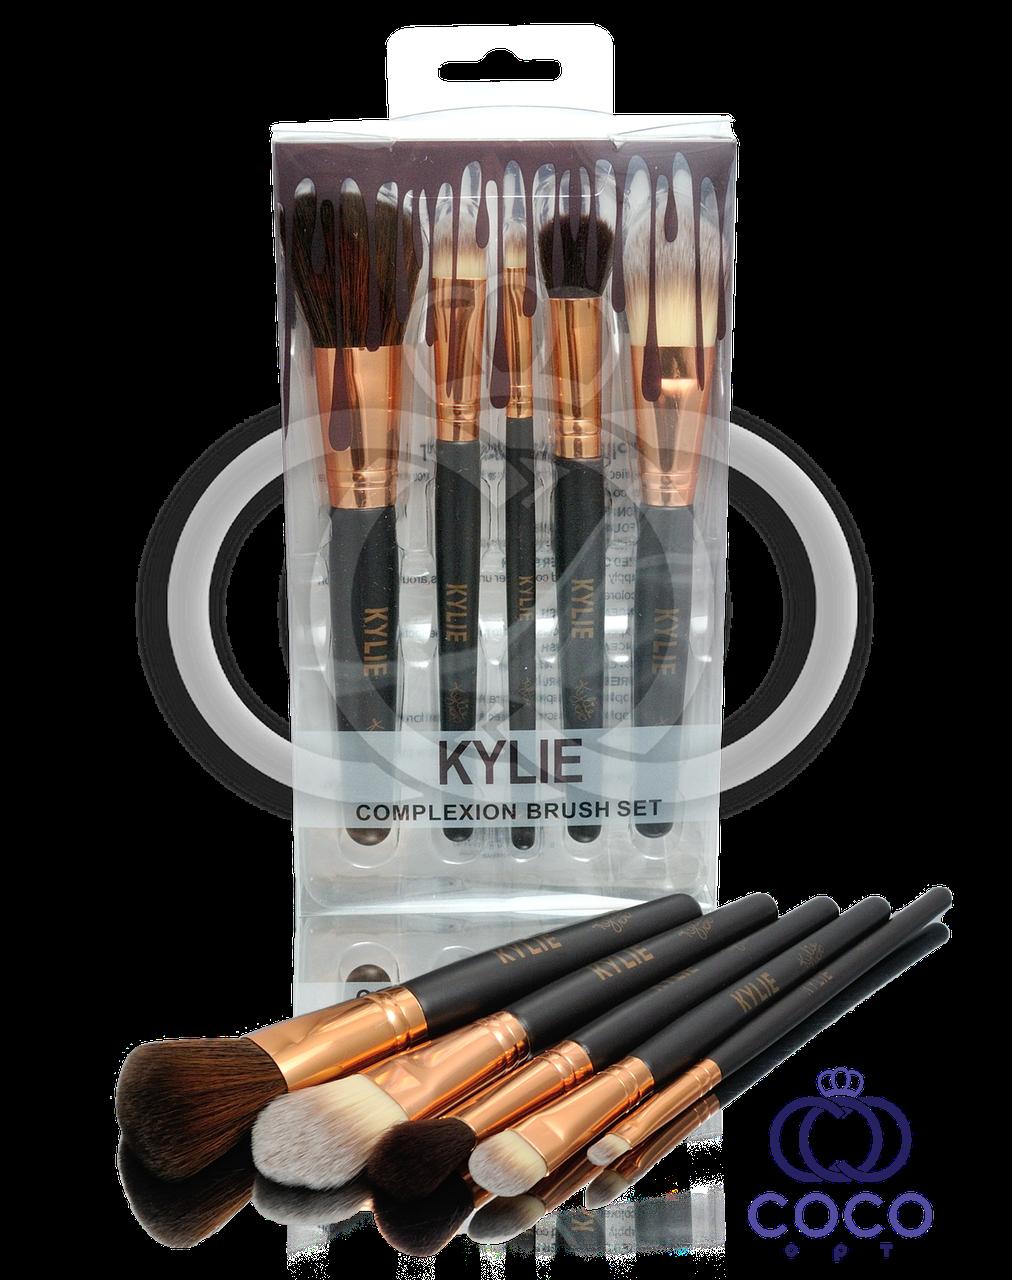 Набор кистей для макияжа Kylie Complexion Brush Set 5 шт